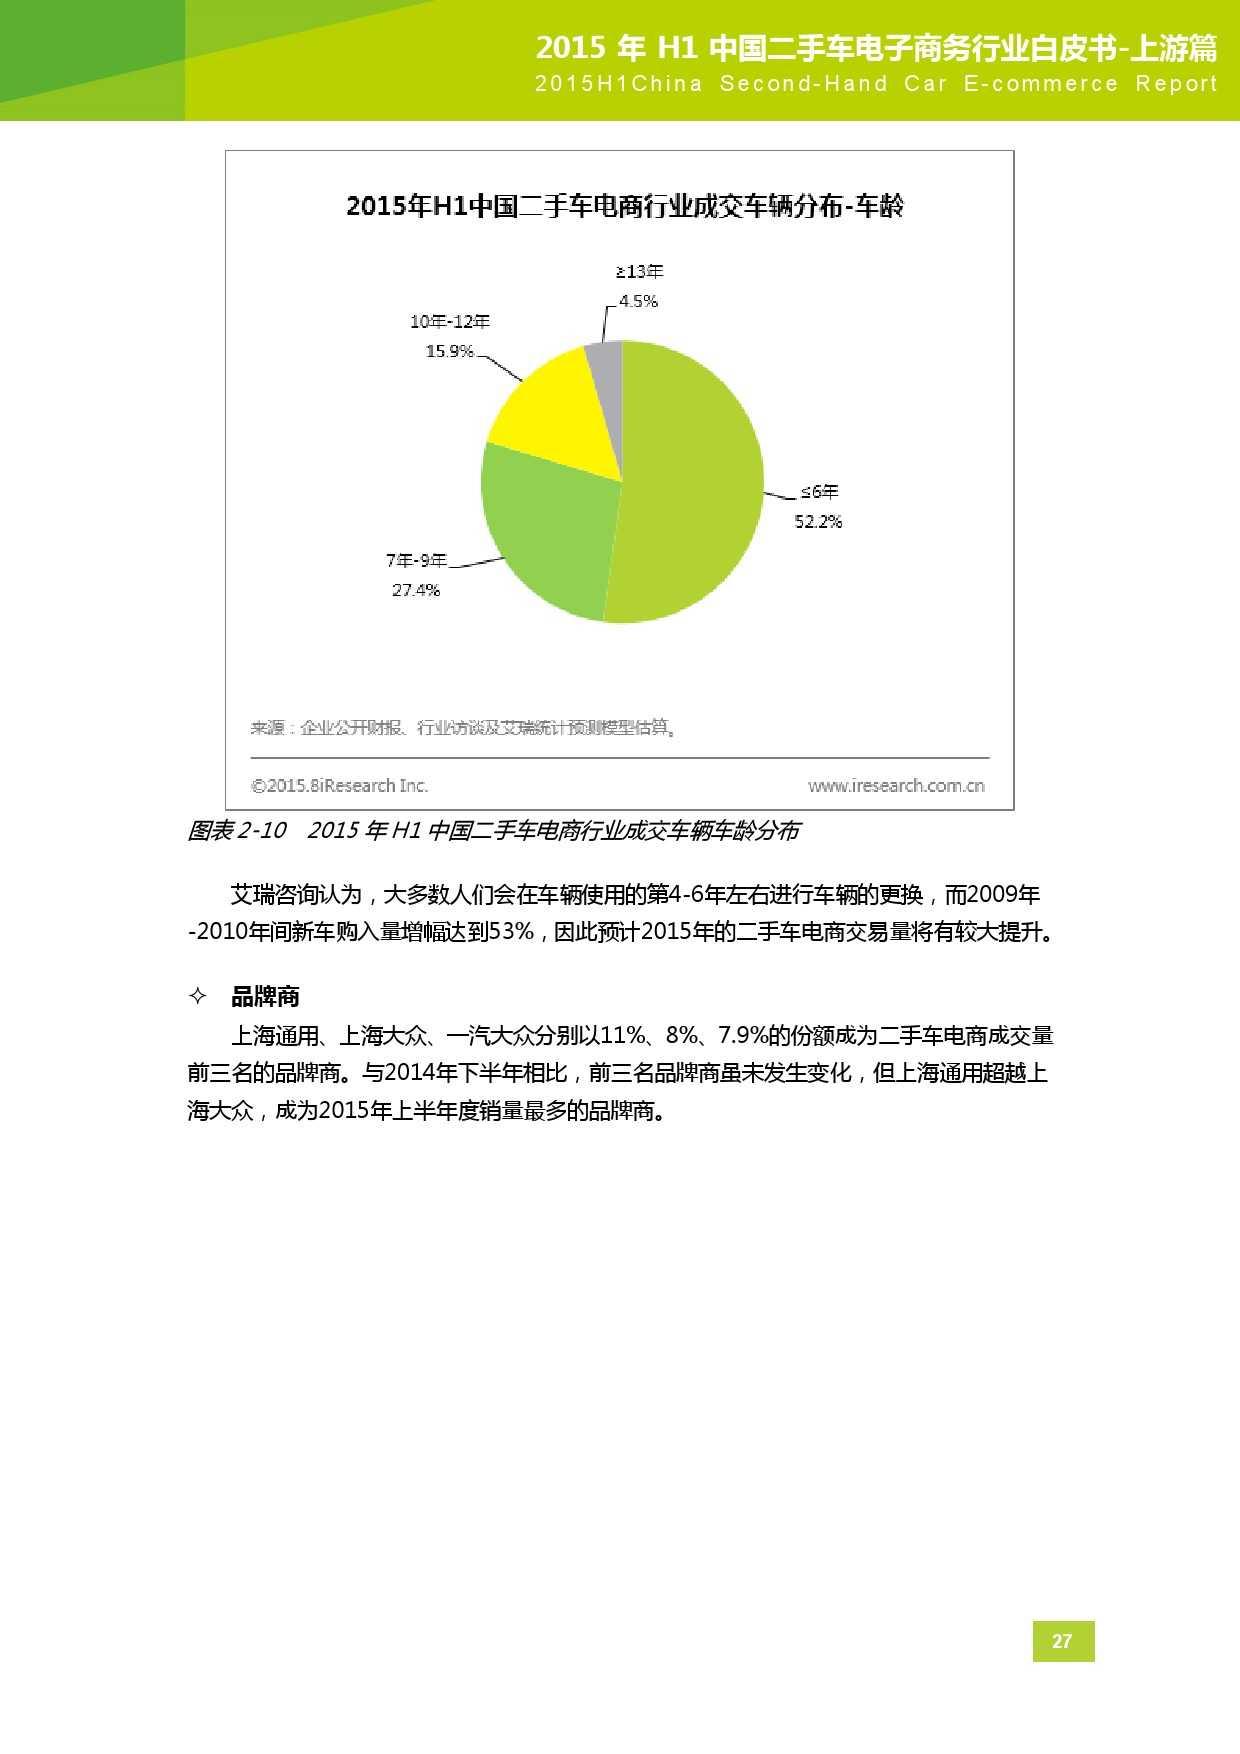 2015年中国二手车电子商务行业白皮书-上游篇_000028